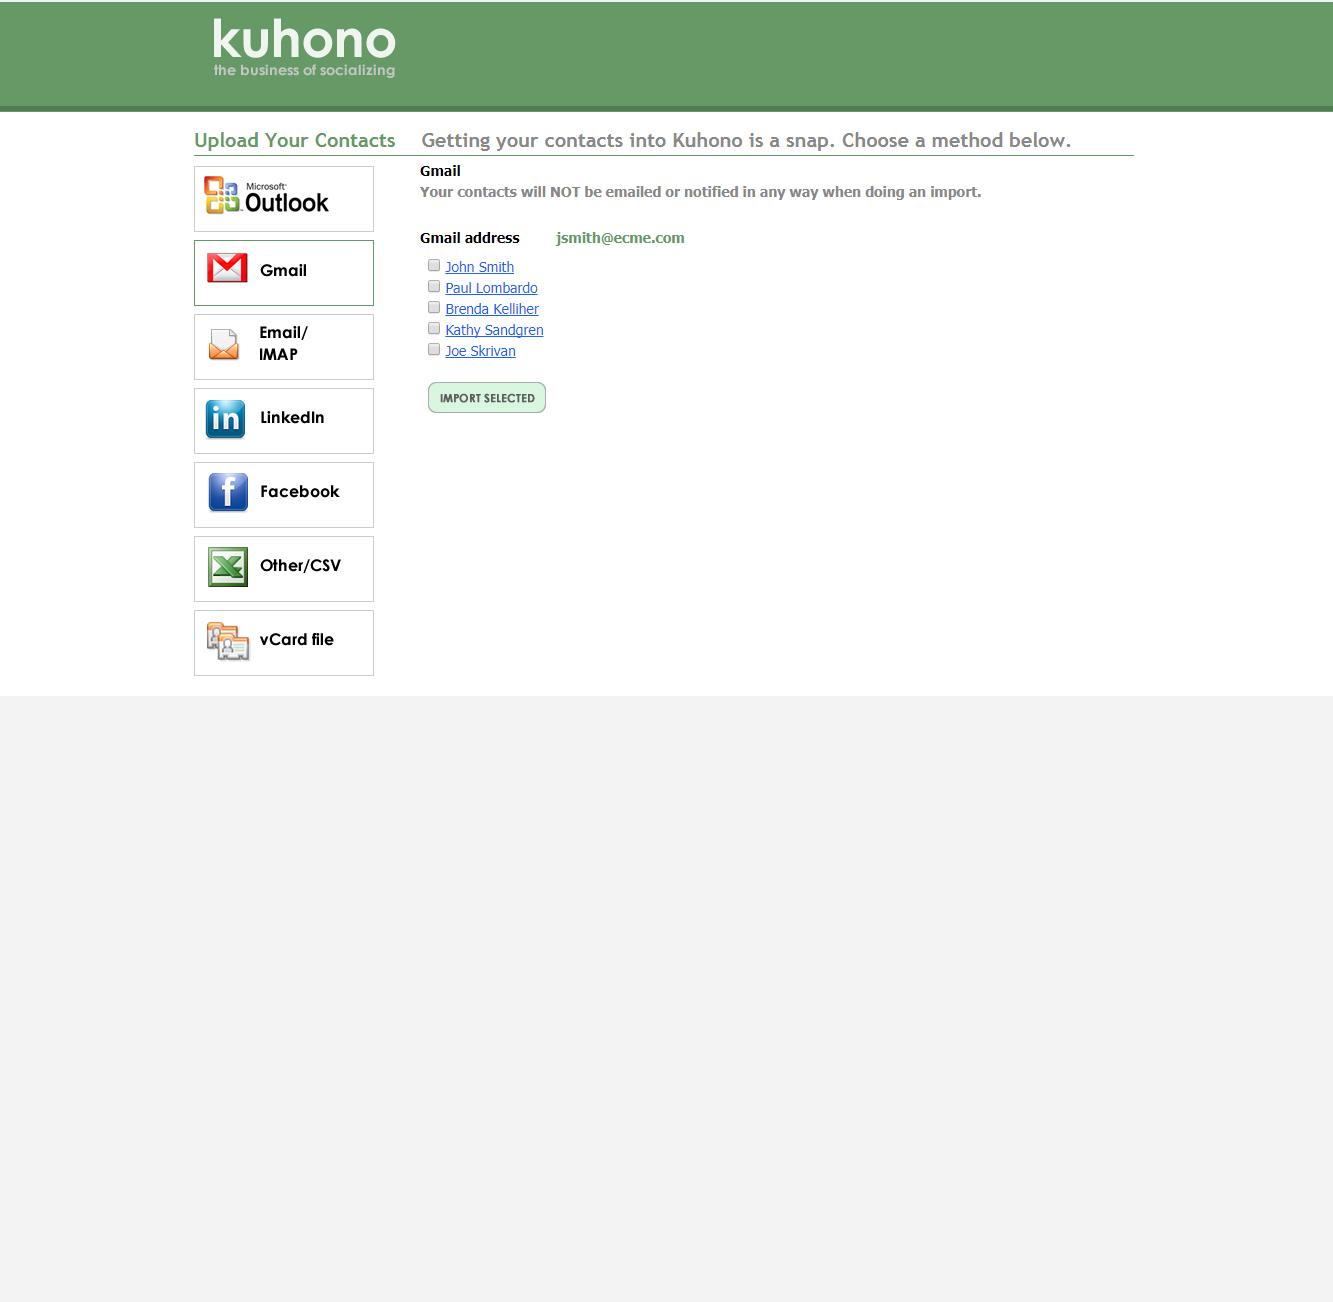 k-upload